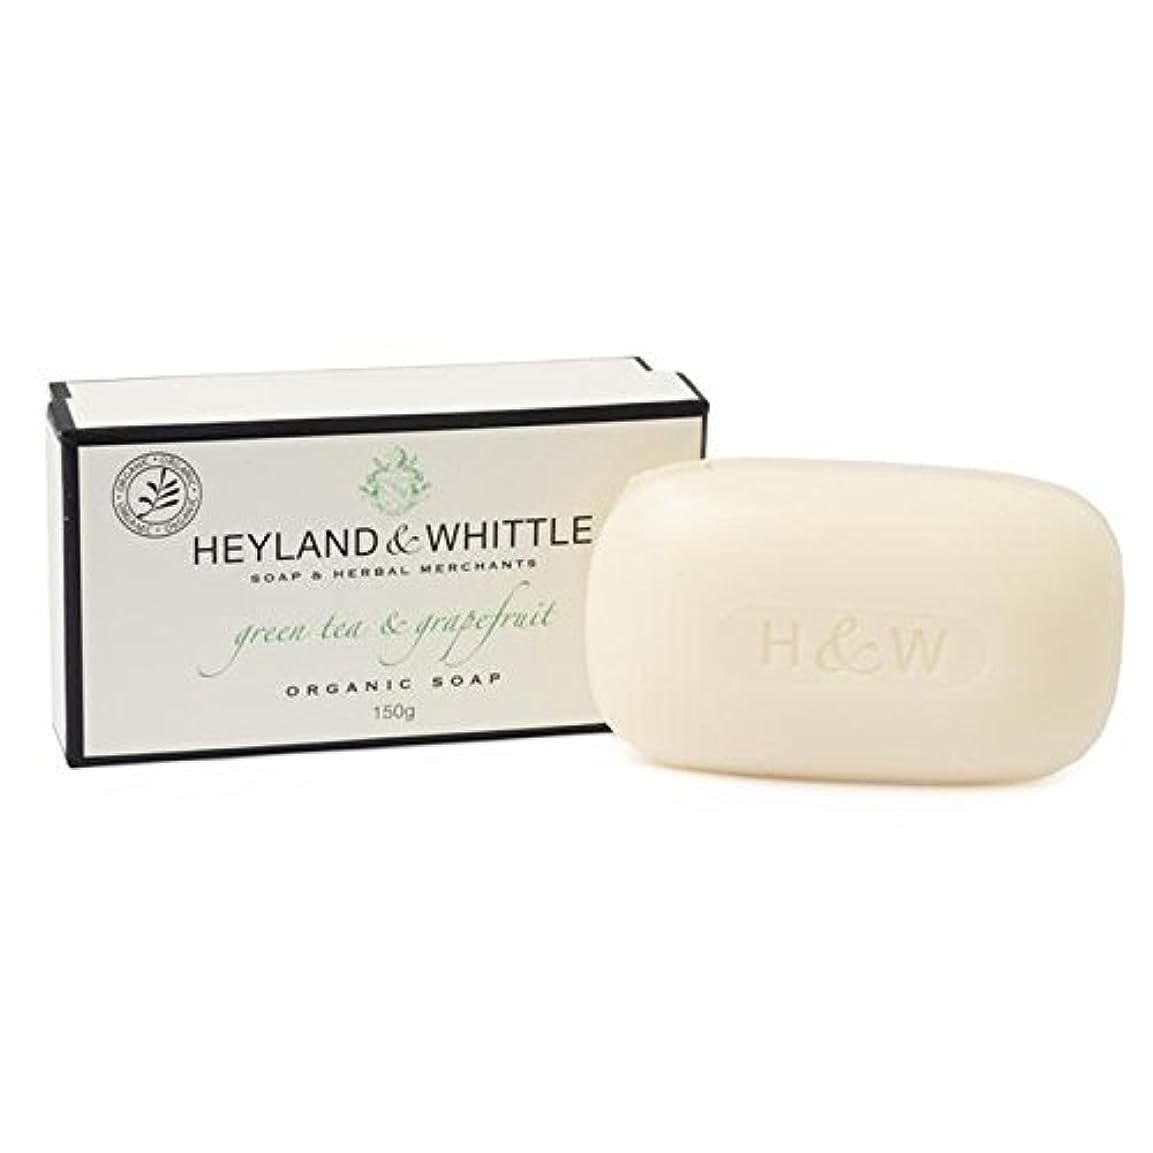 織る第五不可能な&削る緑茶&グレープフルーツはオーガニックソープ150グラム箱入り x2 - Heyland & Whittle Green Tea & Grapefruit Boxed Organic Soap 150g (Pack...